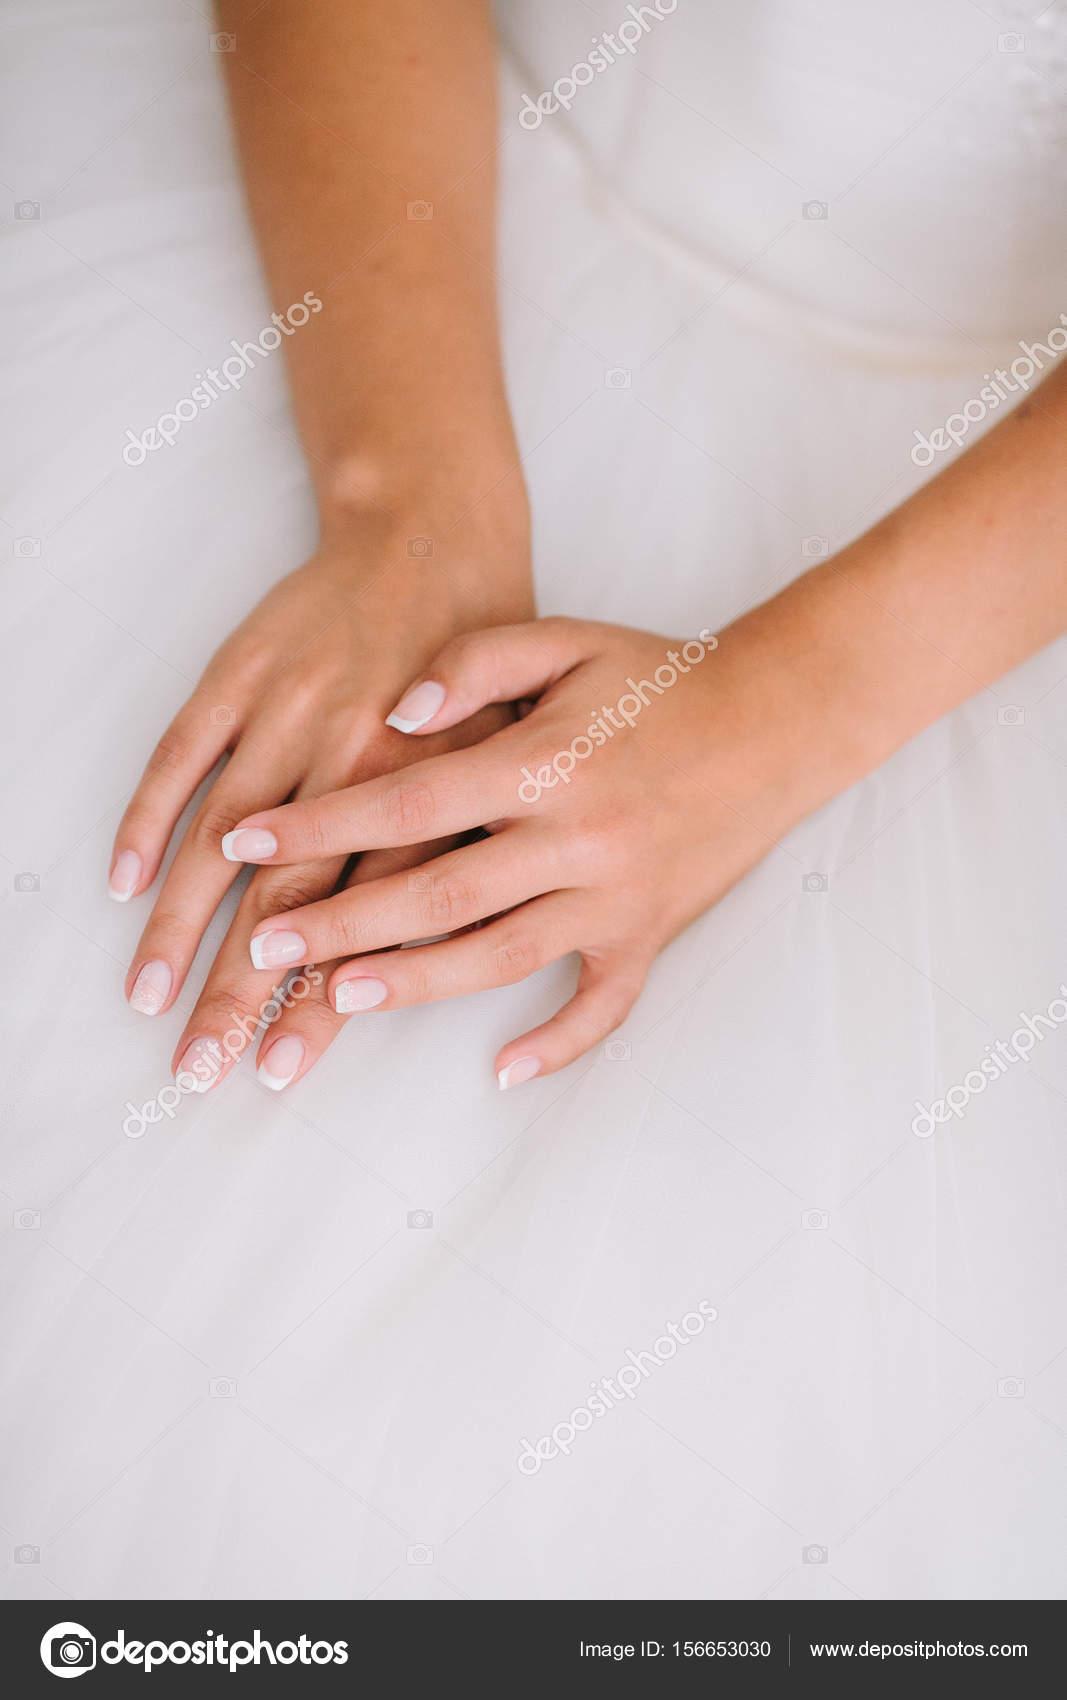 Fine Art Hochzeit Portrat Einer Jungen Schonen Braut In Weisser